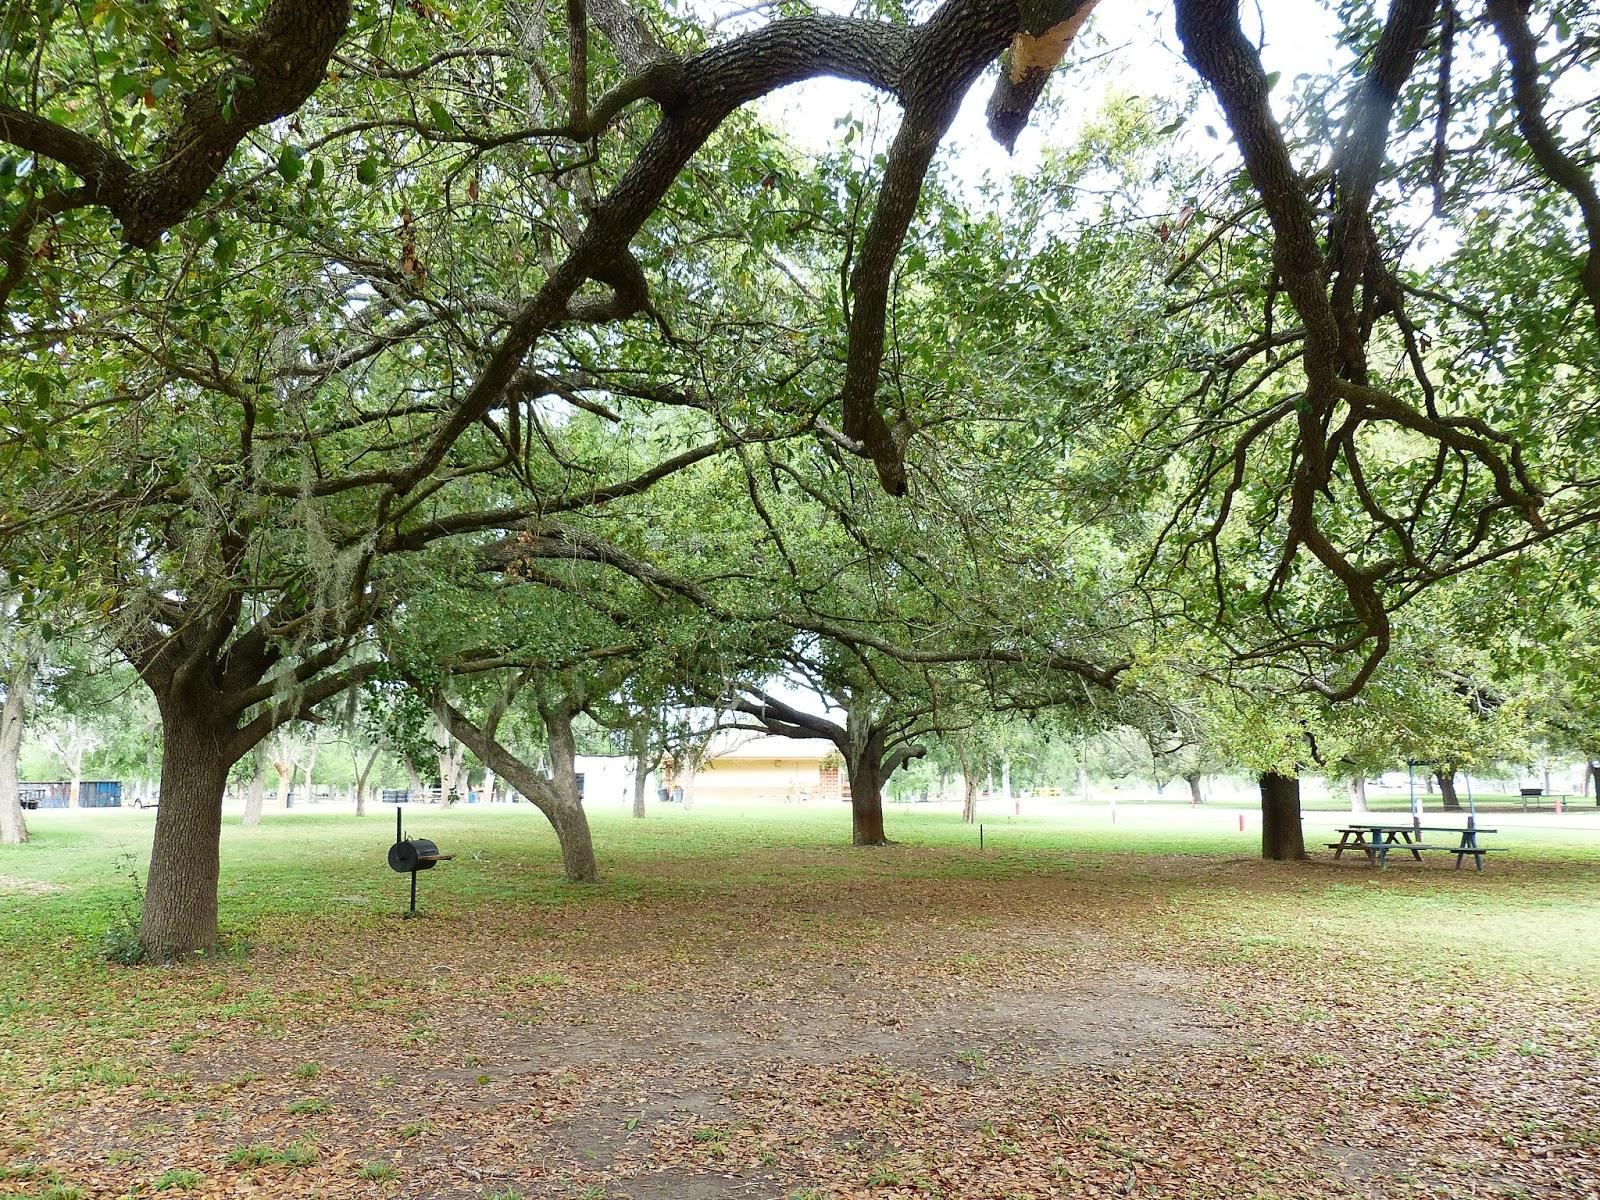 Duffbirder meets South Holderness!: Texas 16 - Tree study!